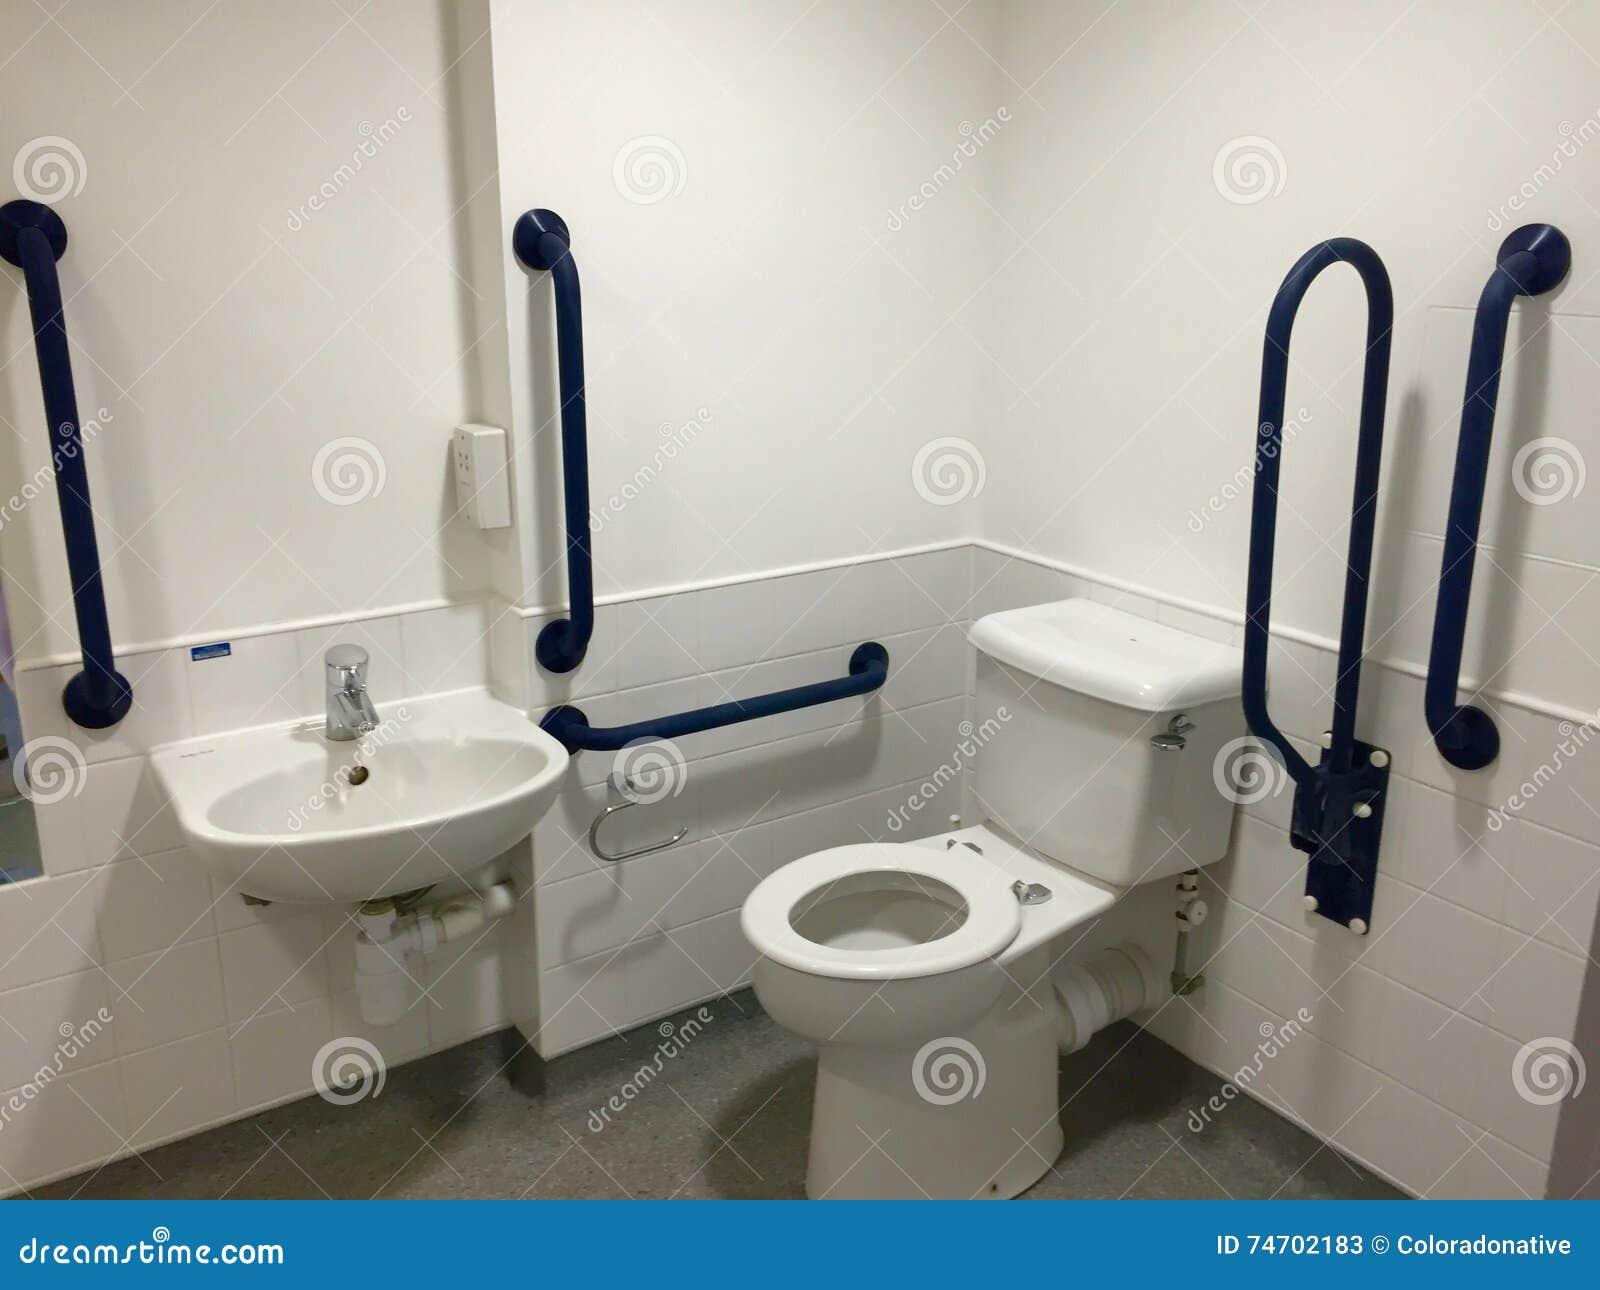 Handicap Accessible Bathroom Stock Image - Image of handicap, bath ...